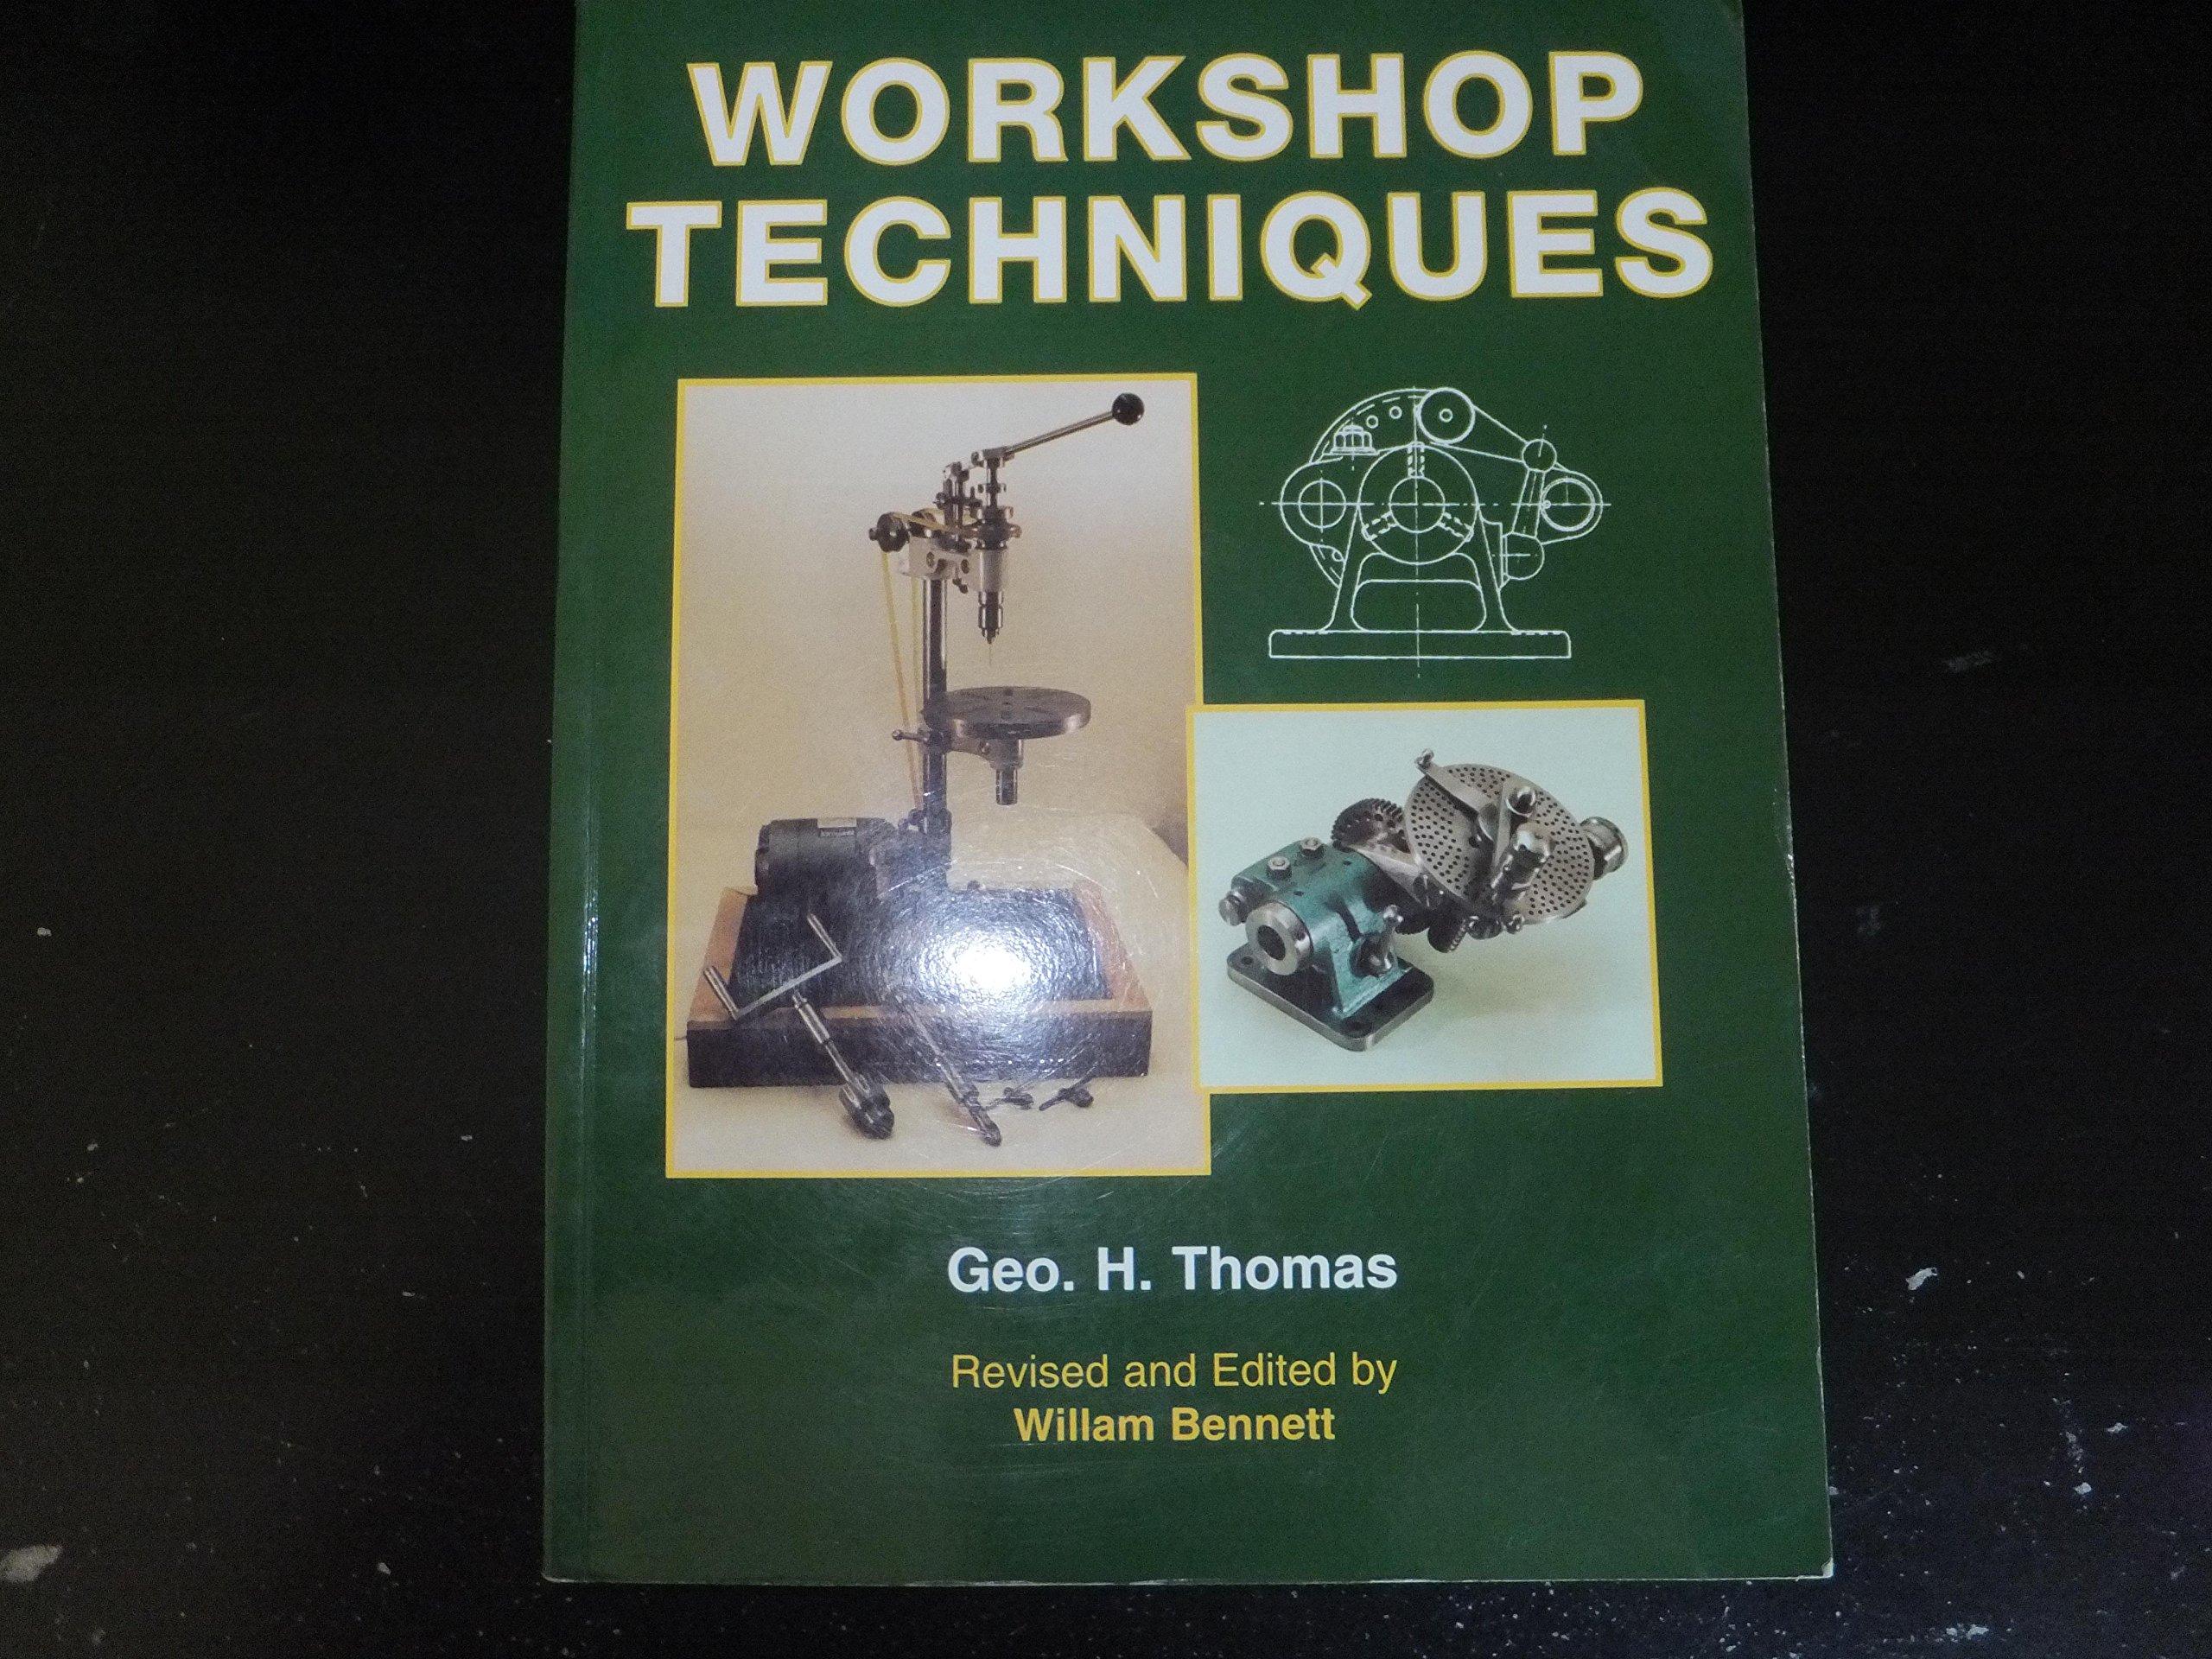 Workshop Techniques